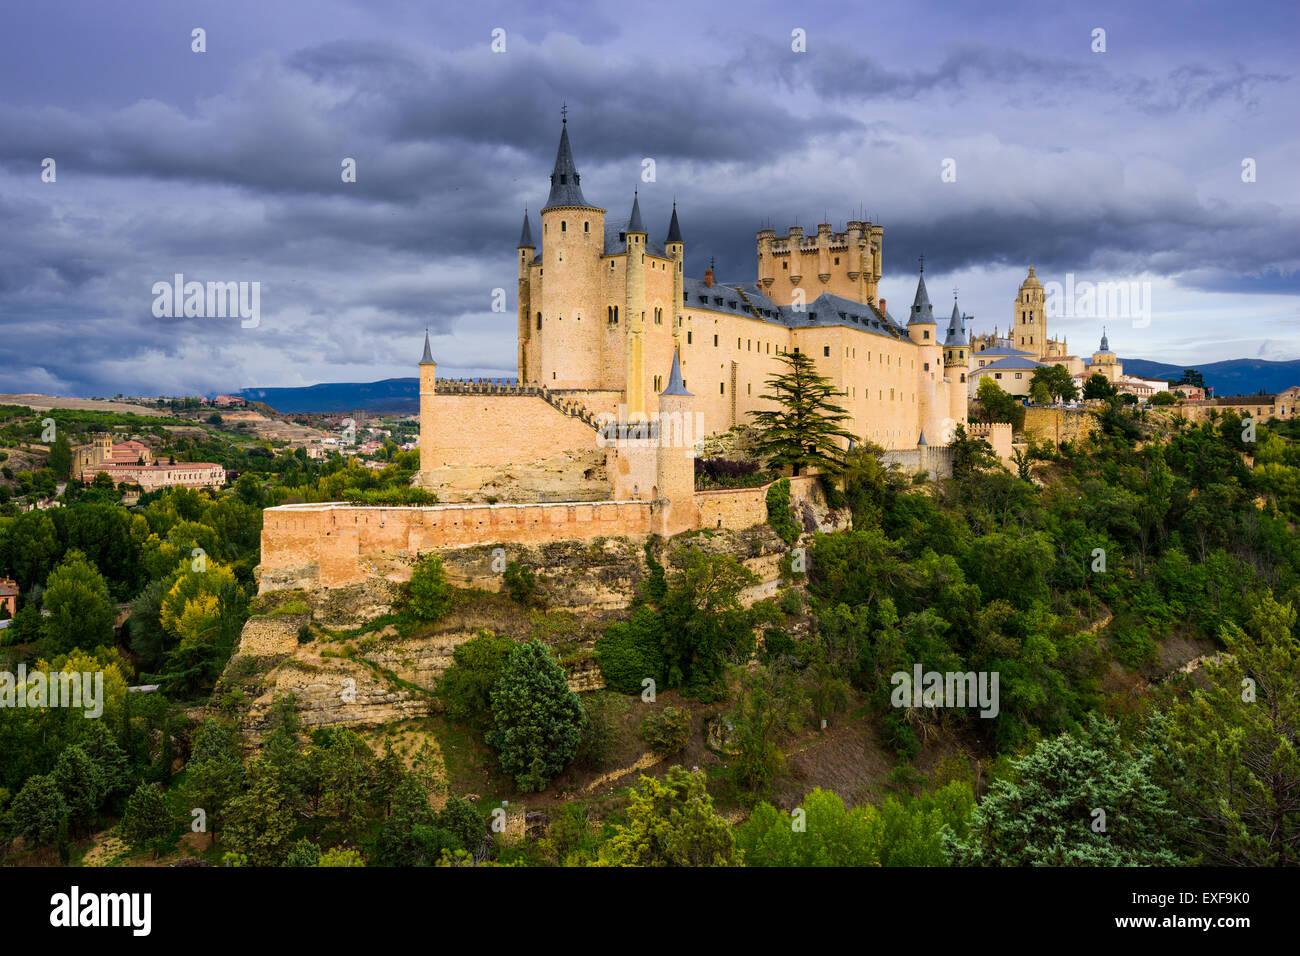 Segovia, Espagne La vieille ville, dans le château. Photo Stock